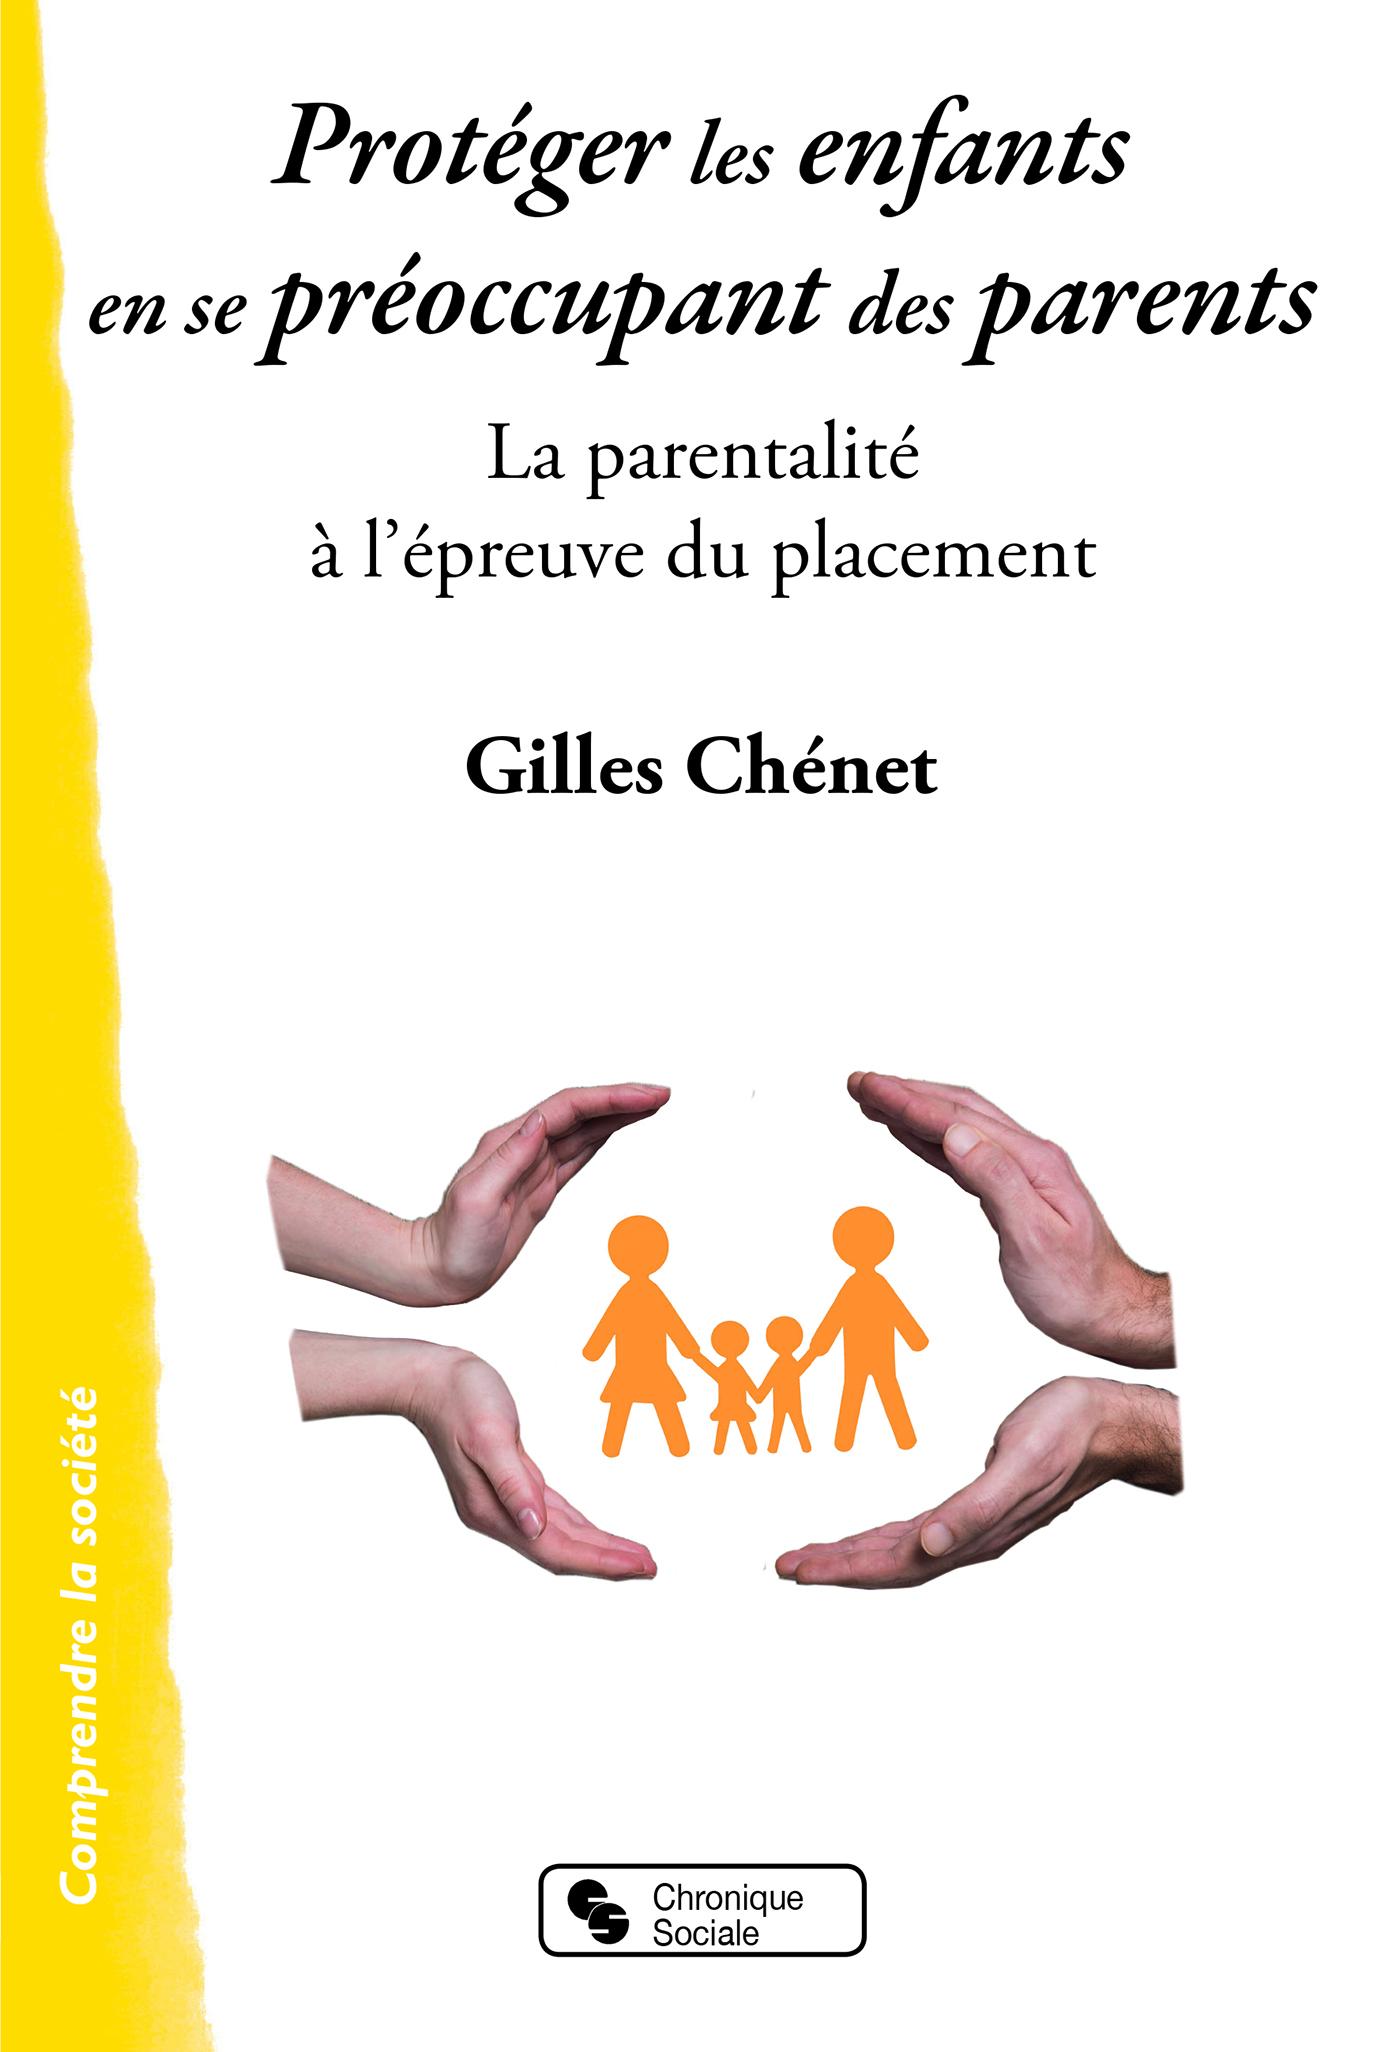 PROTEGER LES ENFANTS EN SE PREOCCUPANT DES PARENTS